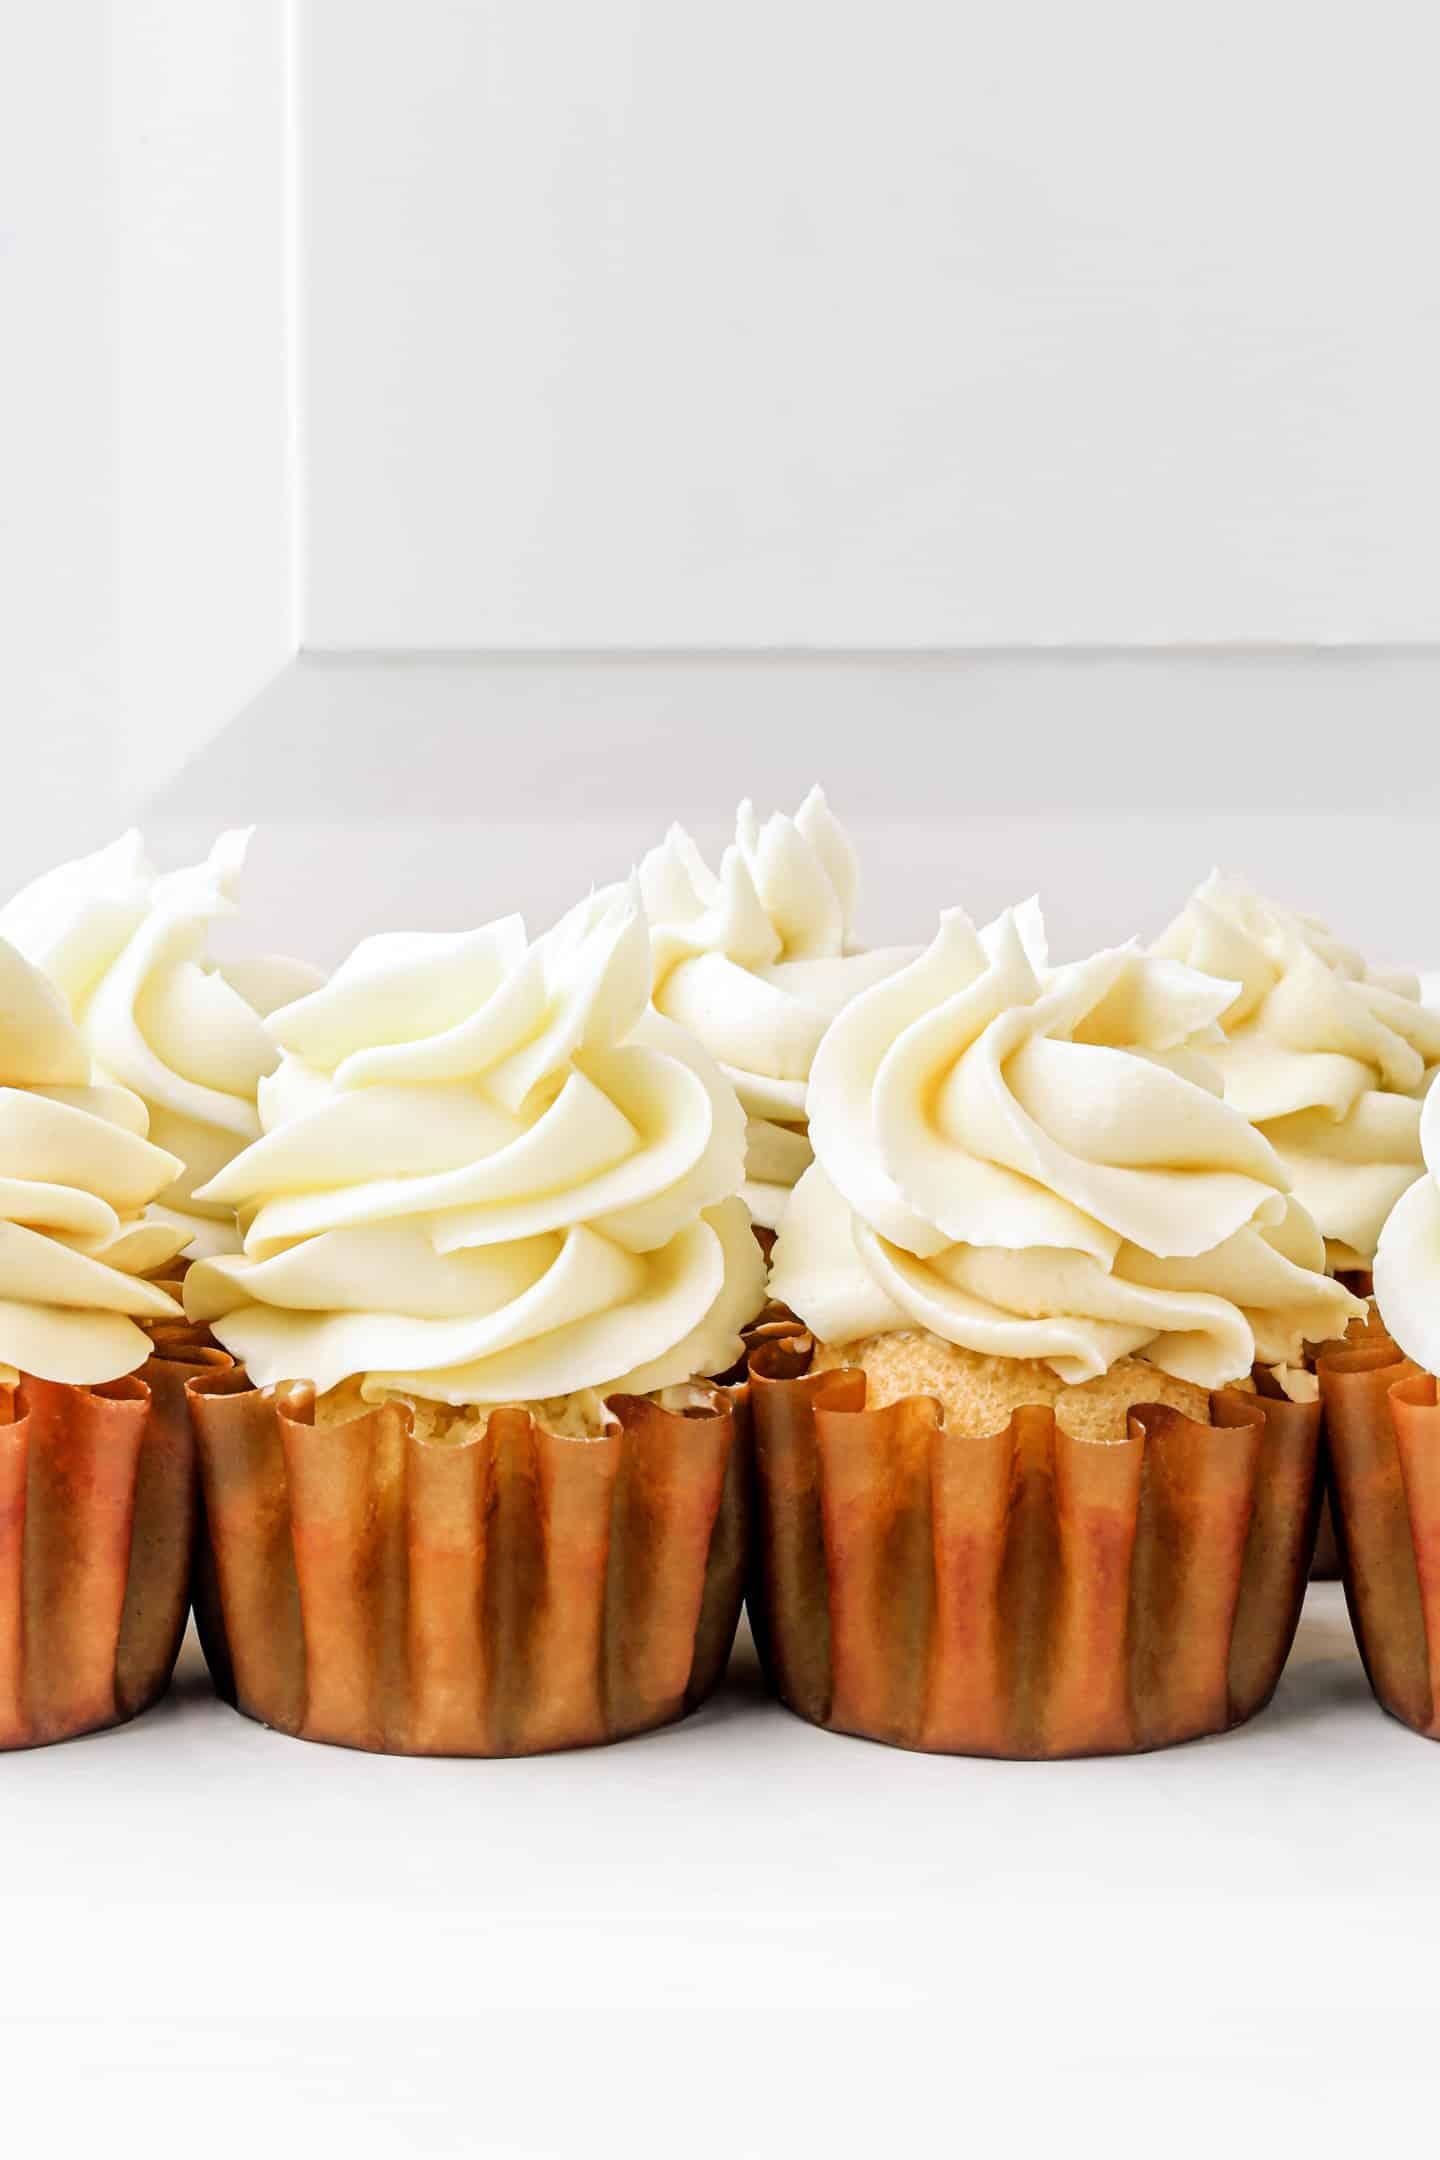 Crème au beurre les meilleures recettes de glaçage